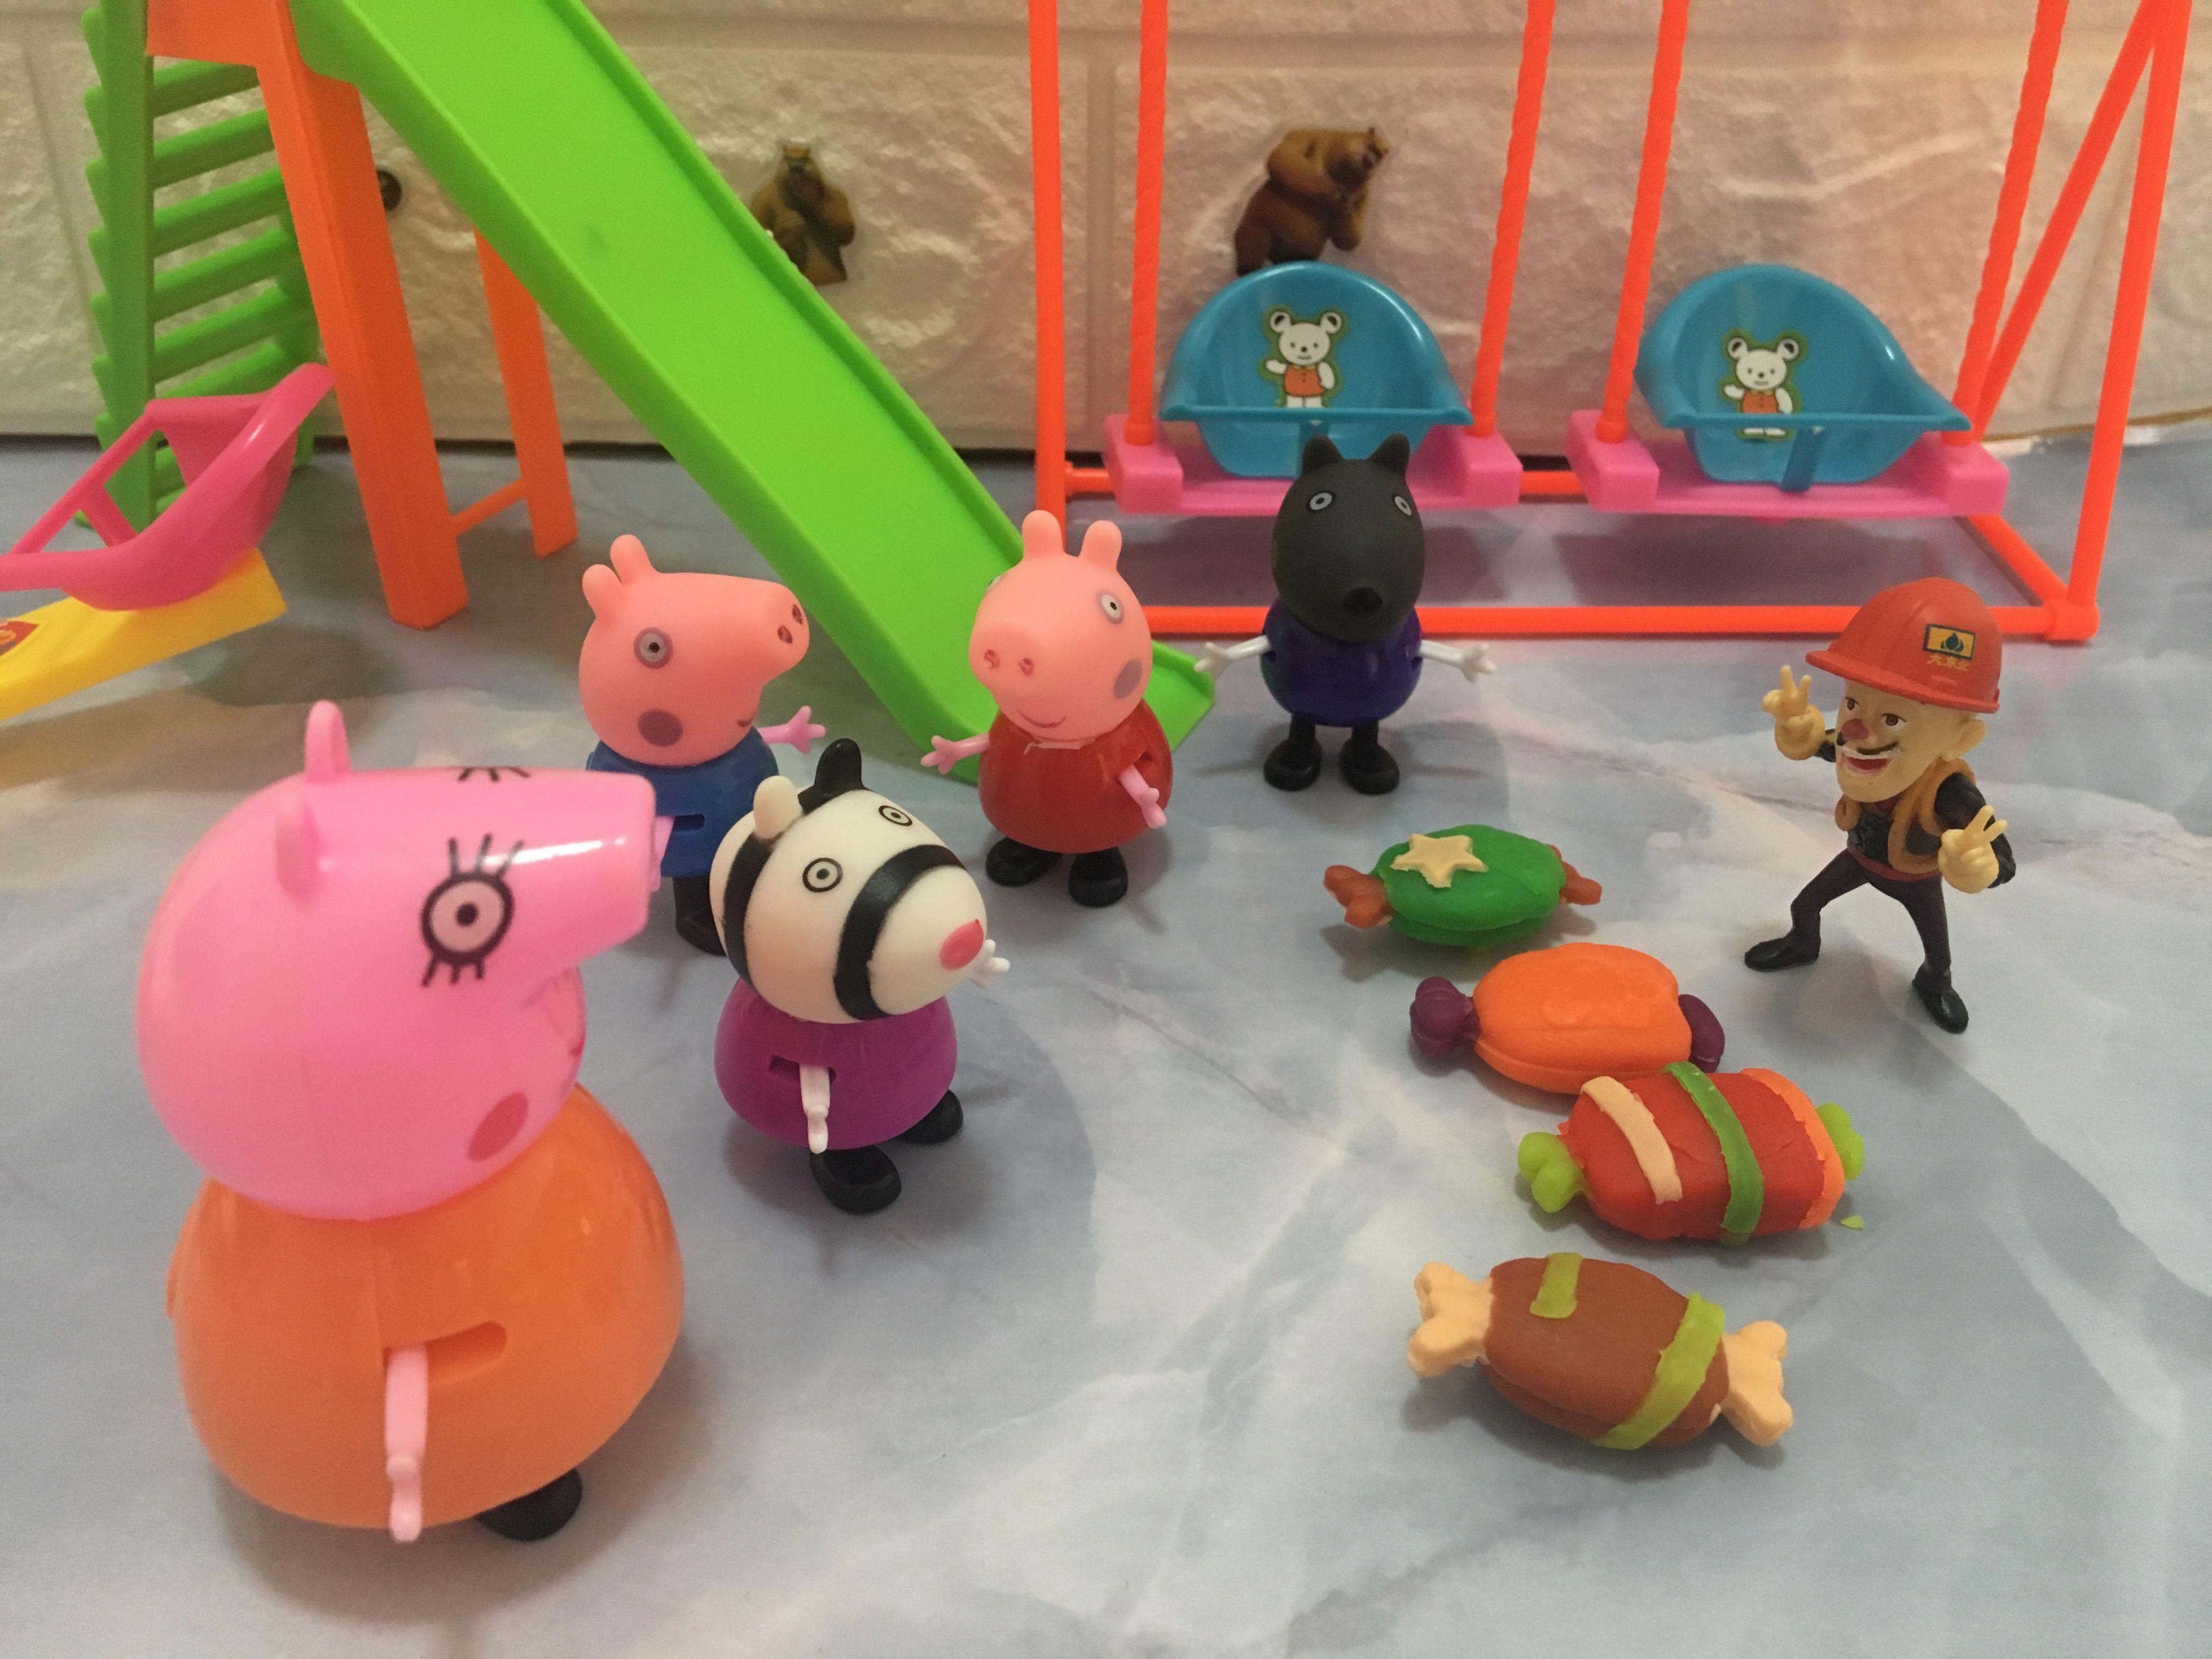 亲子益智玩具-橡皮泥手工制作,培养宝宝的想象力